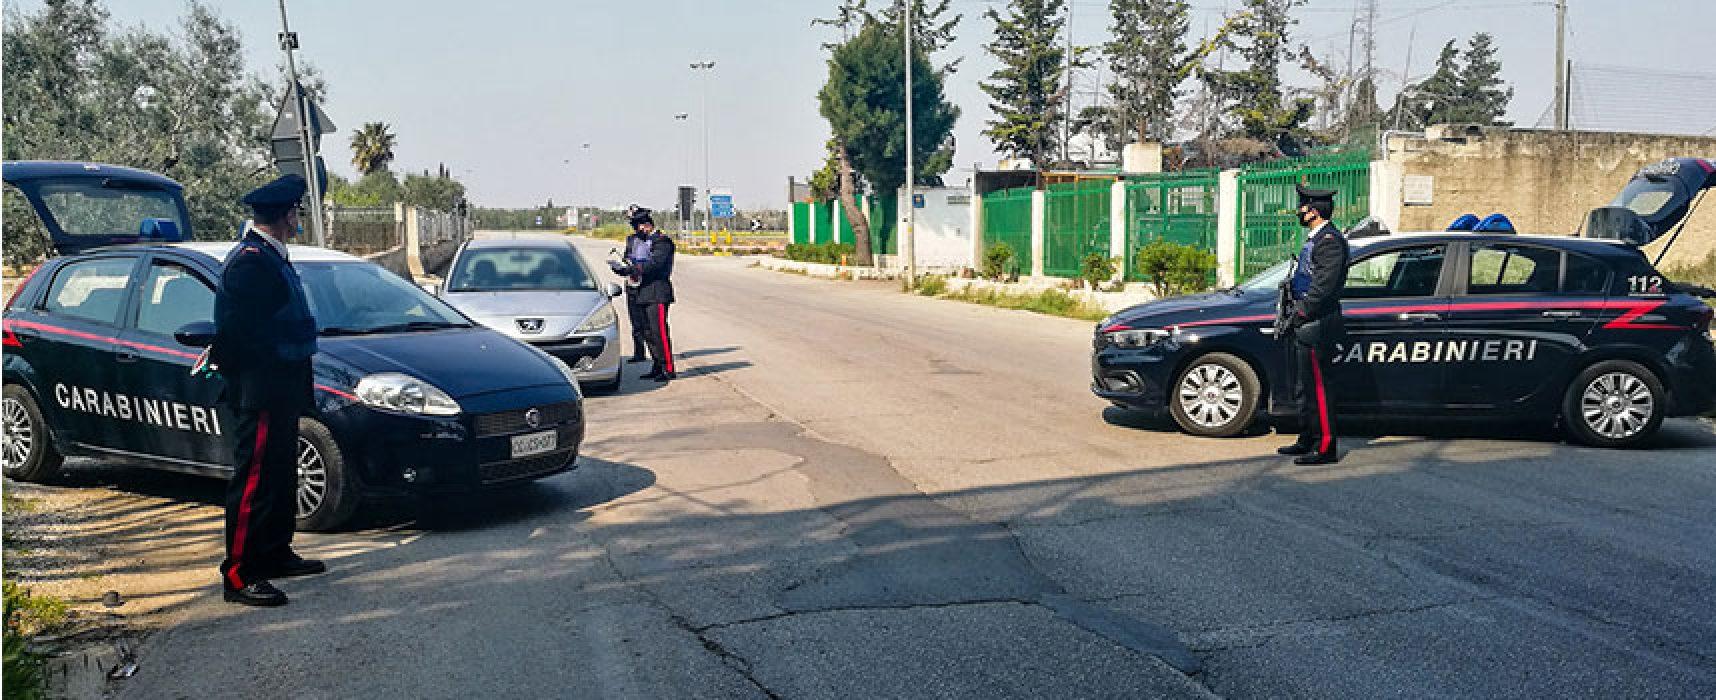 Controlli Provincia Bat: ieri 73 persone denunciate e 161 controlli ad esercizi commerciali